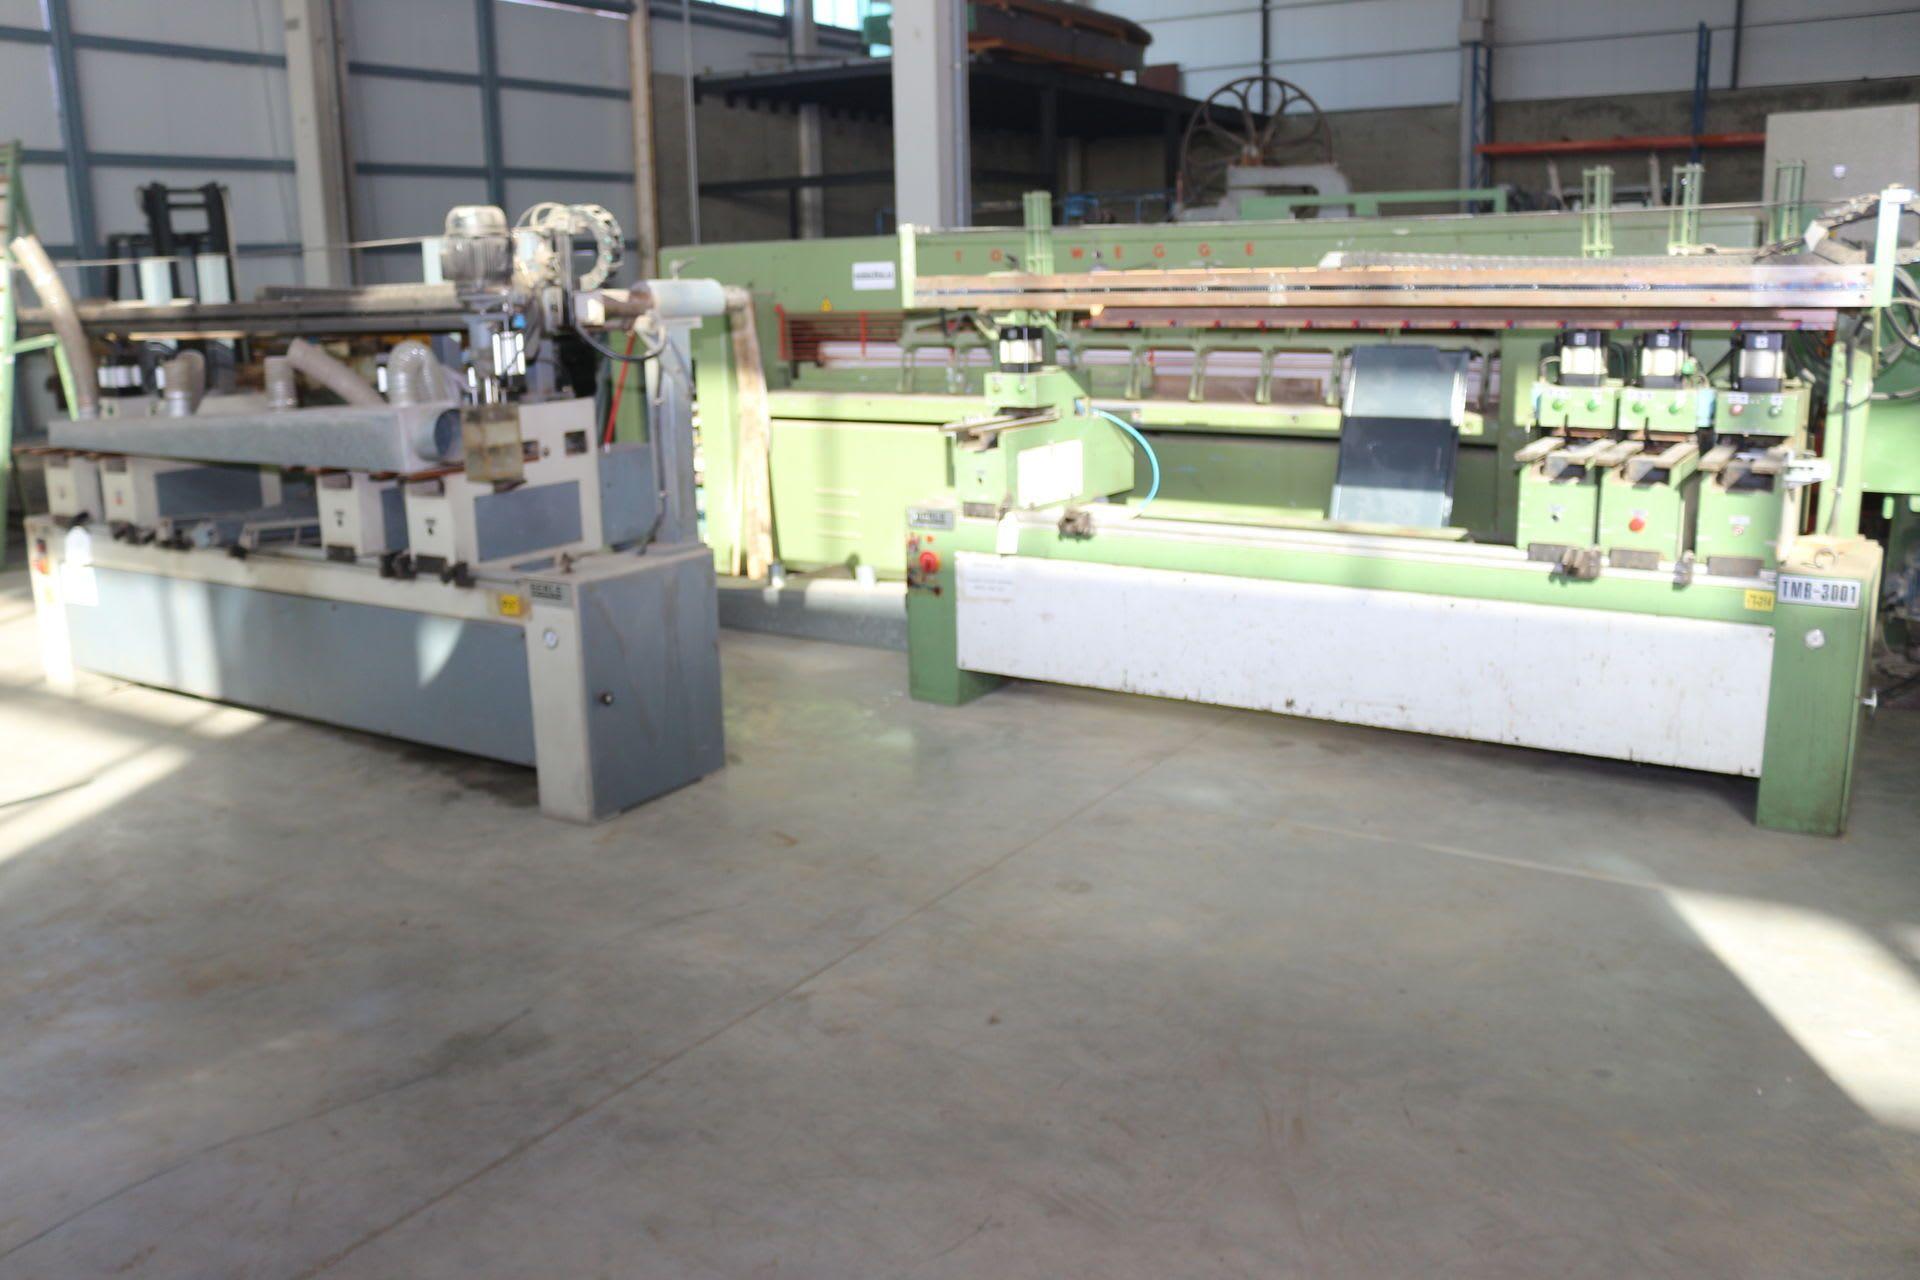 BERLE TB 3001 2 Scharnierbohr- und -einsetzmaschinen